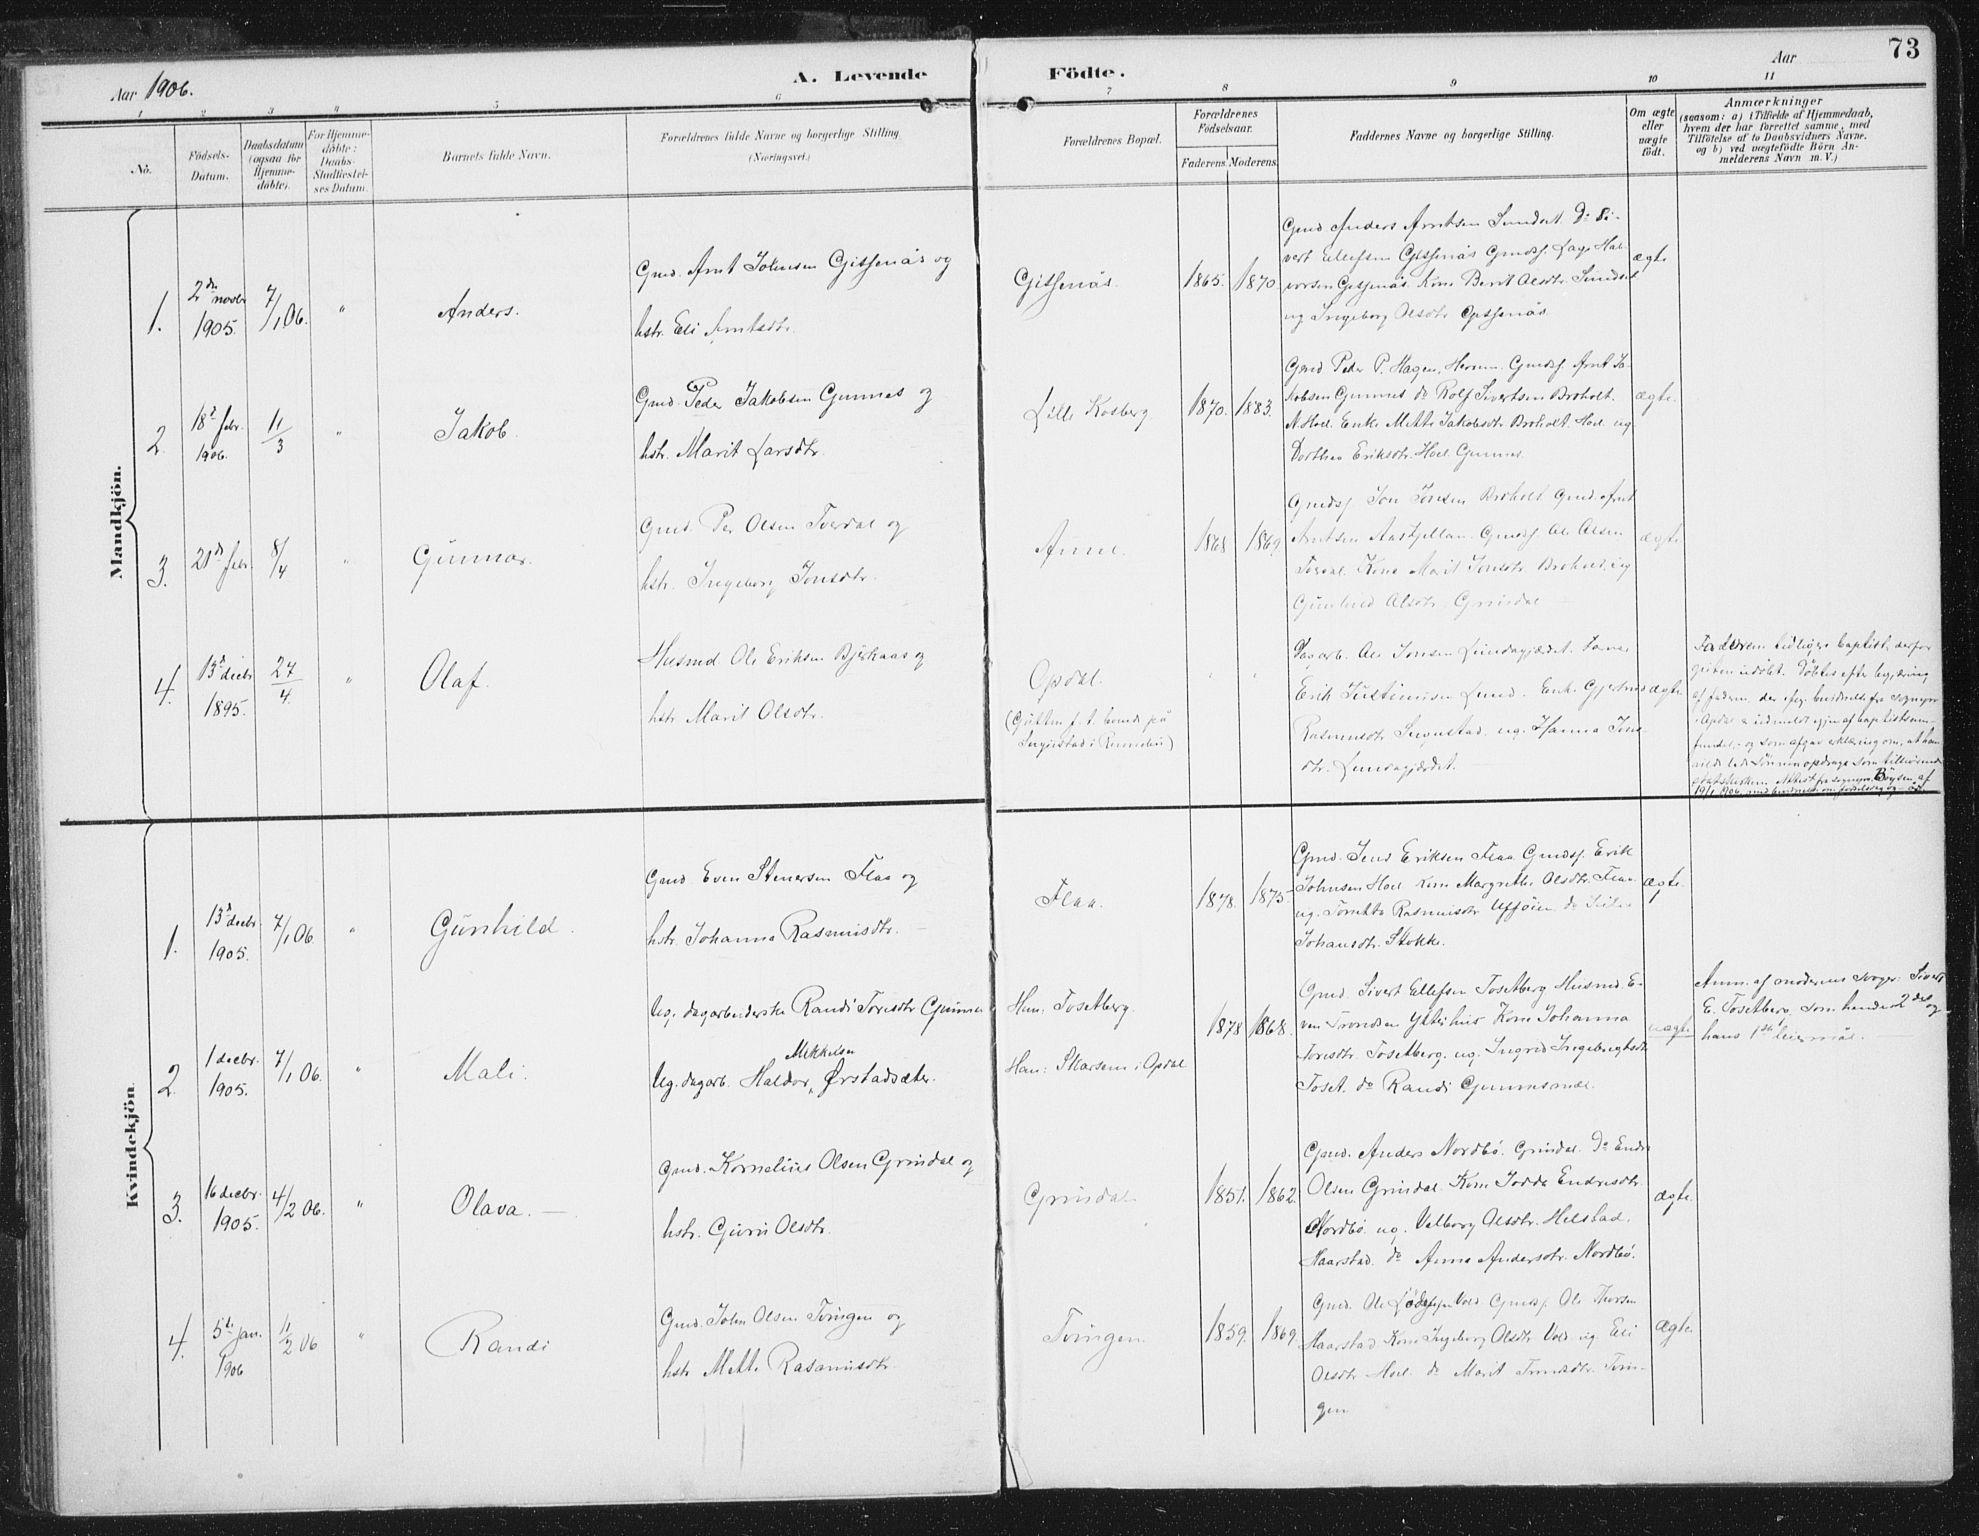 SAT, Ministerialprotokoller, klokkerbøker og fødselsregistre - Sør-Trøndelag, 674/L0872: Ministerialbok nr. 674A04, 1897-1907, s. 73